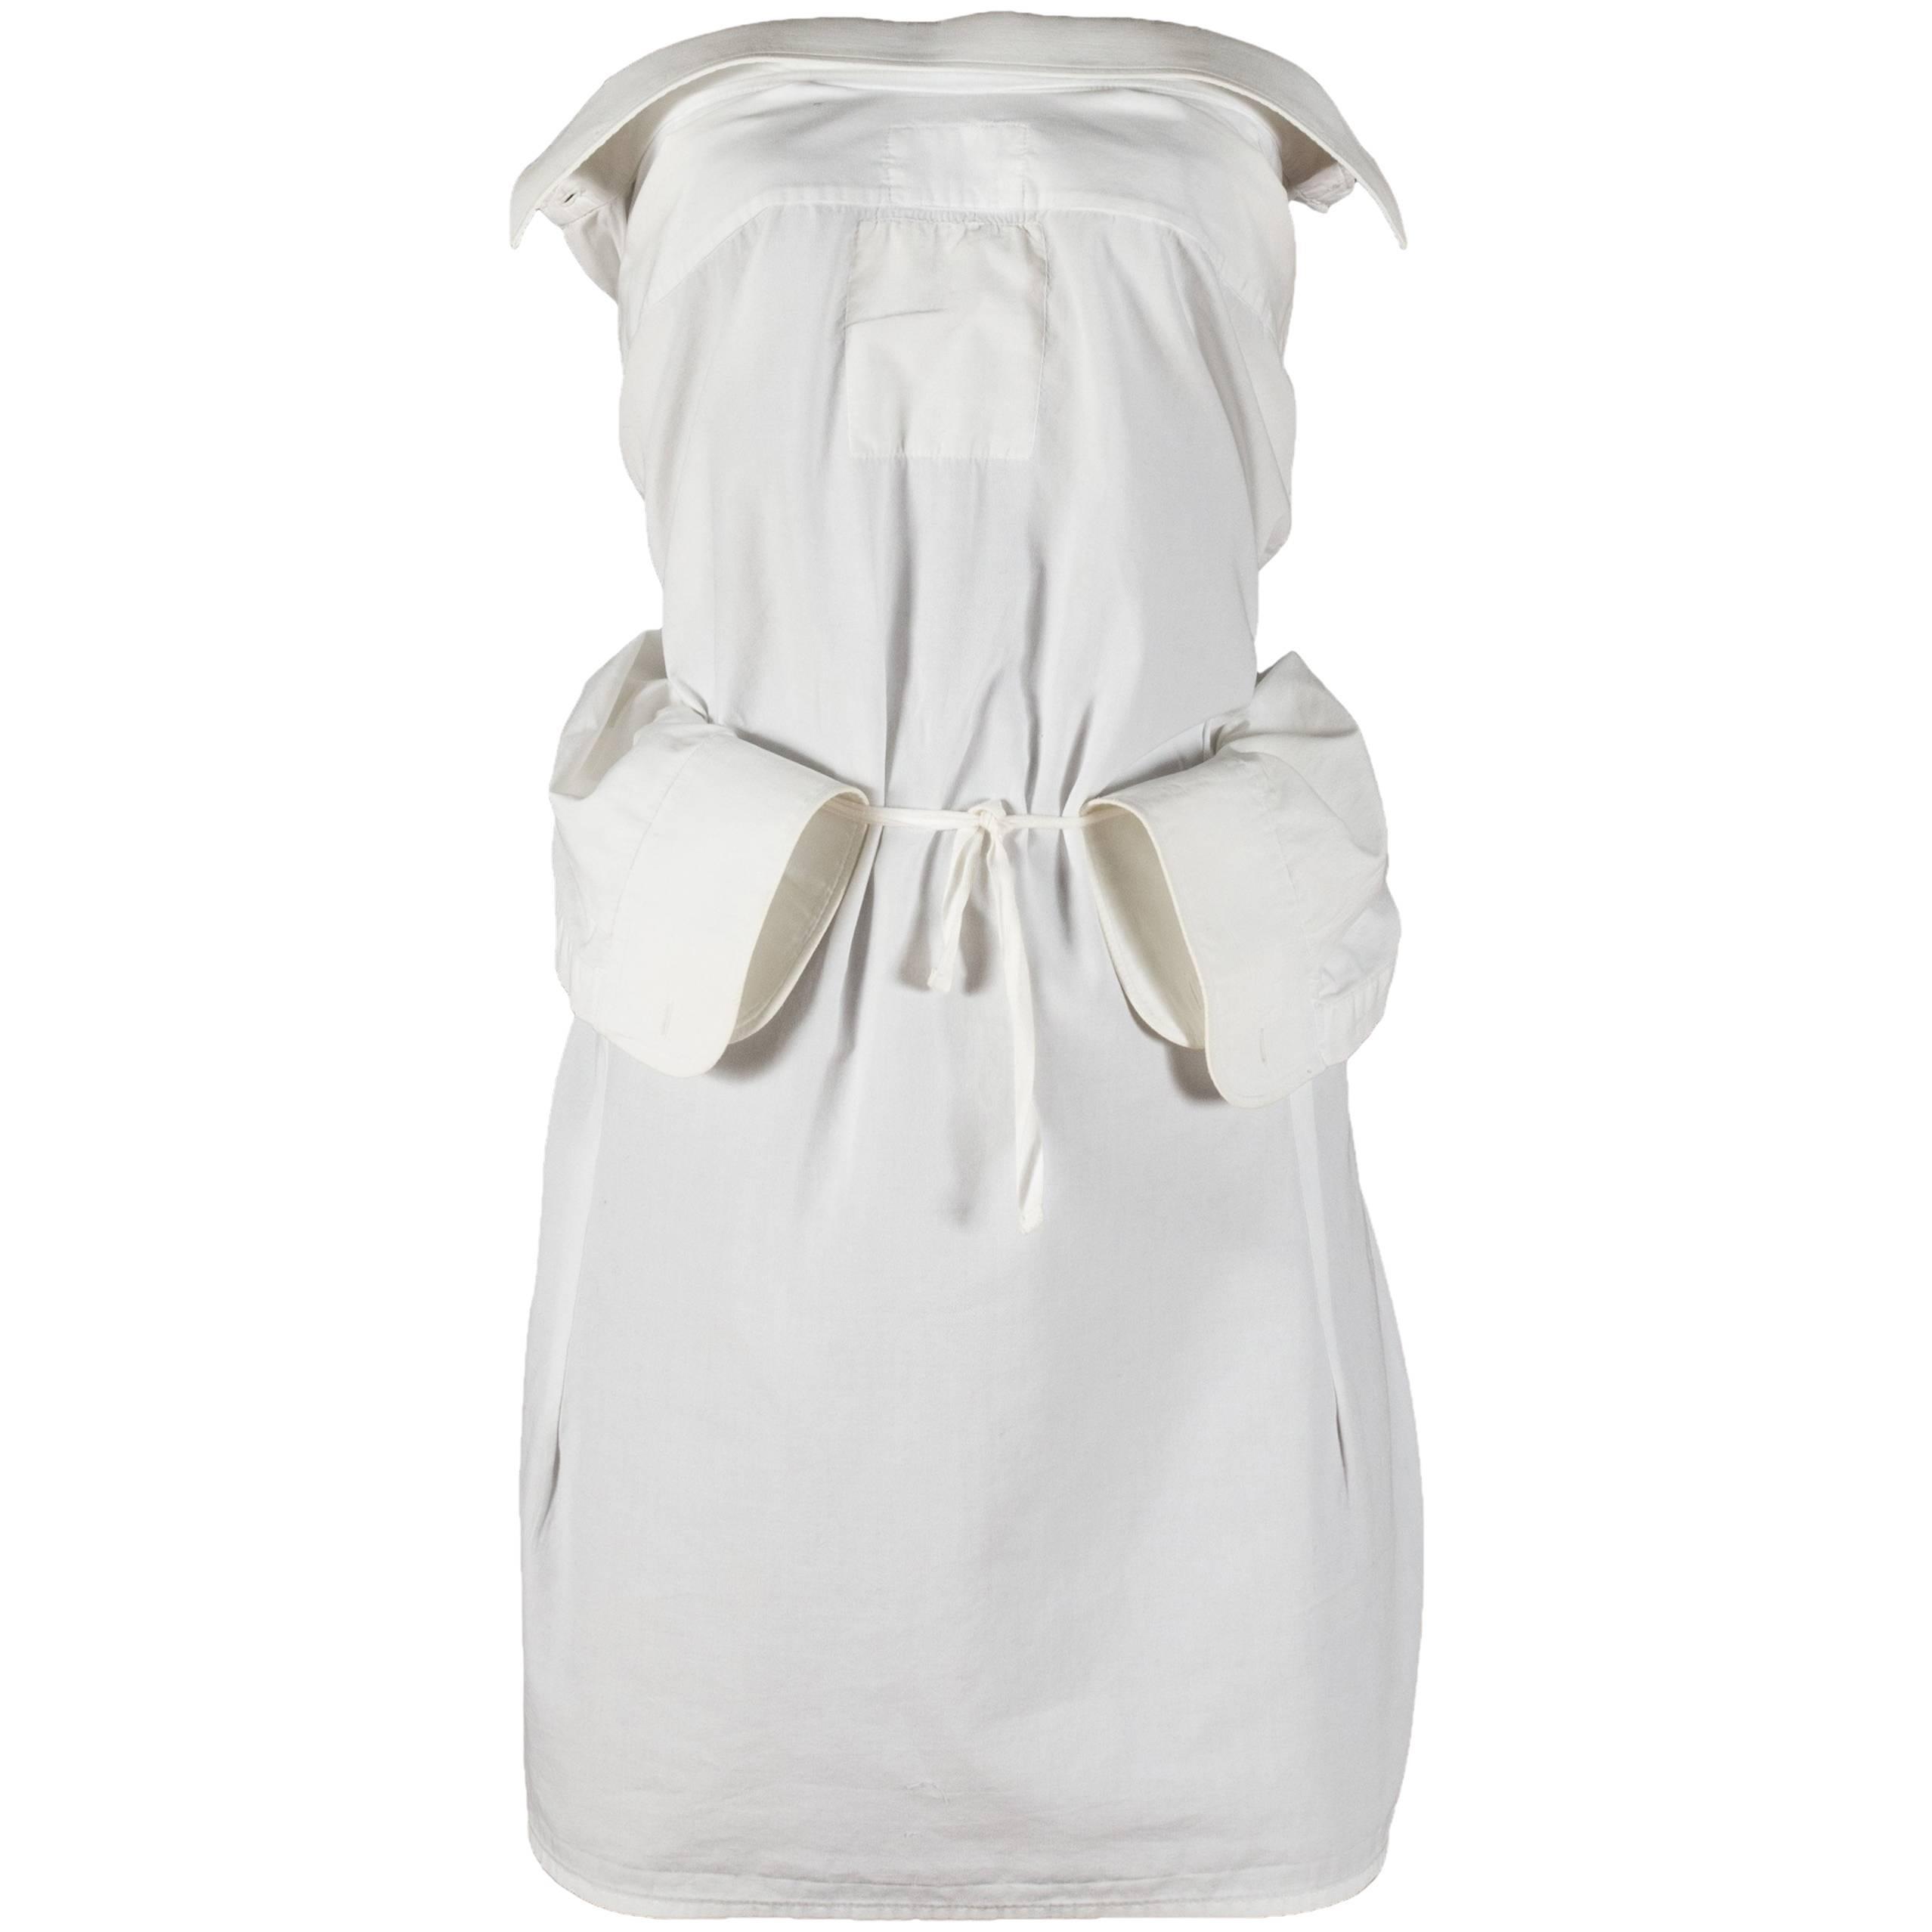 Margiela Artisanal white shirt, Spring-Summer 1995